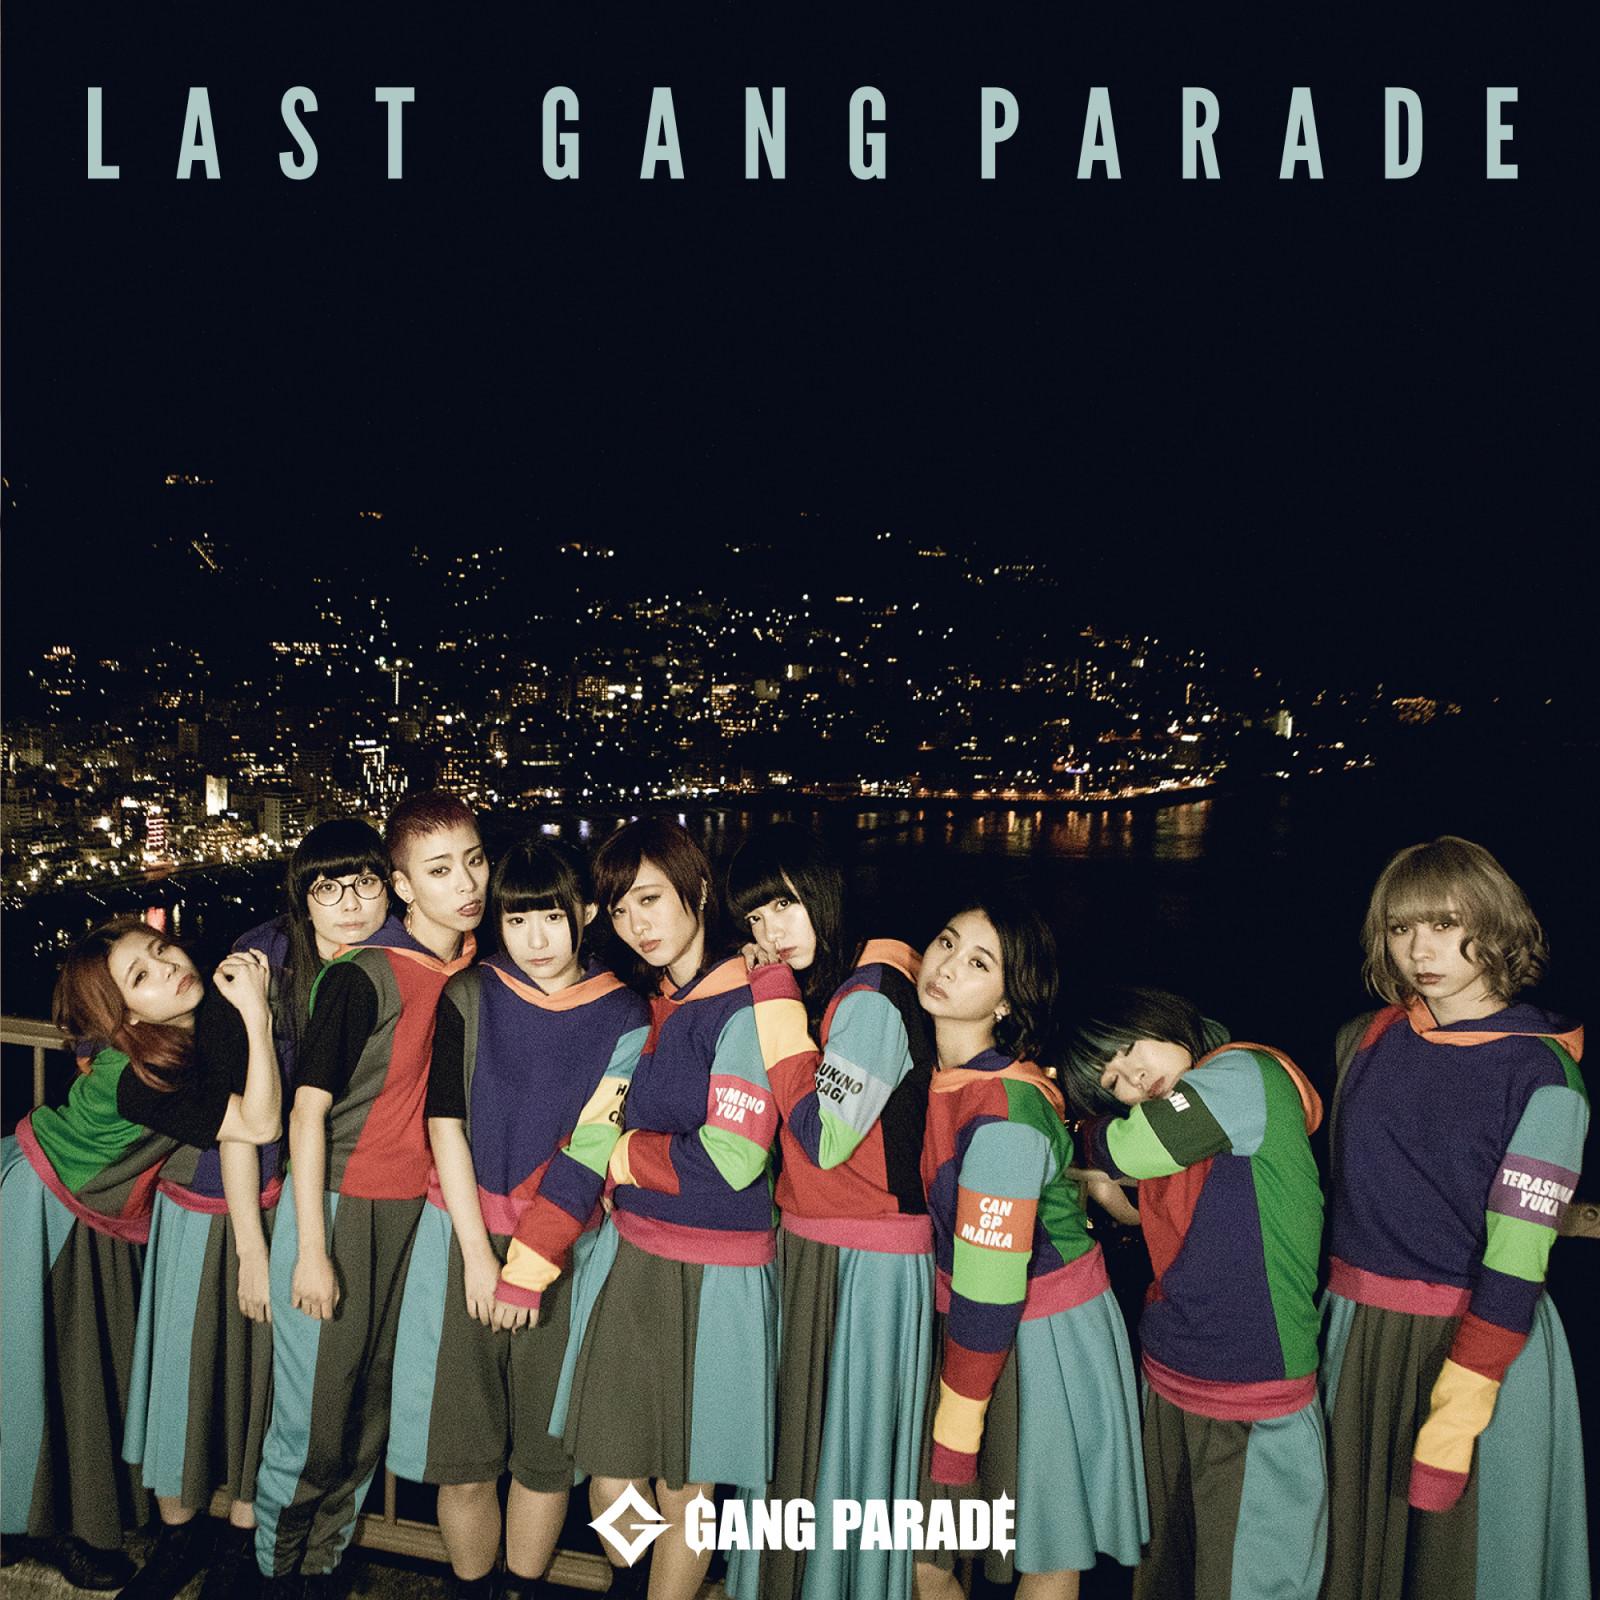 GANG PARADE - LAST GANG PARADE